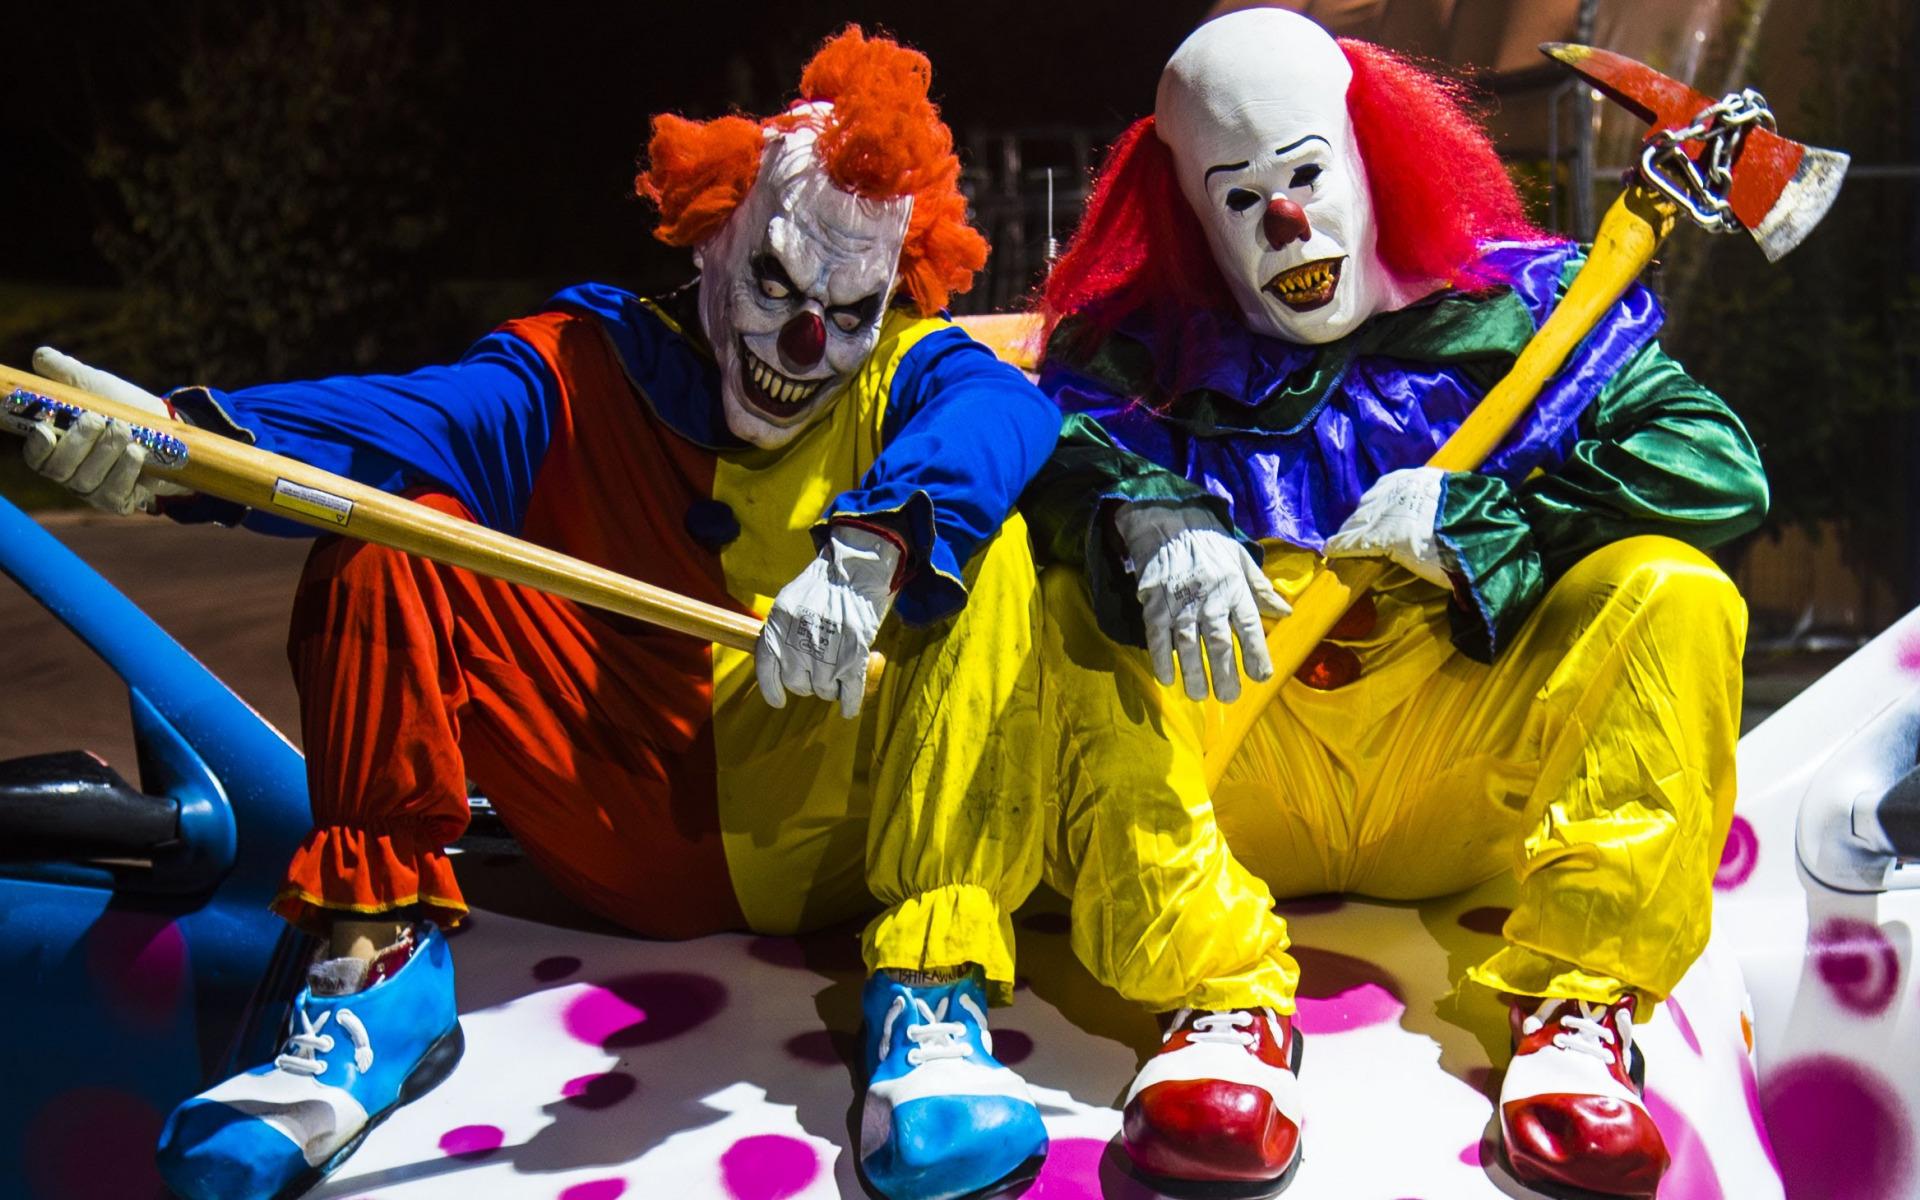 фото клоуна полунина для обоев рабочего стола озере